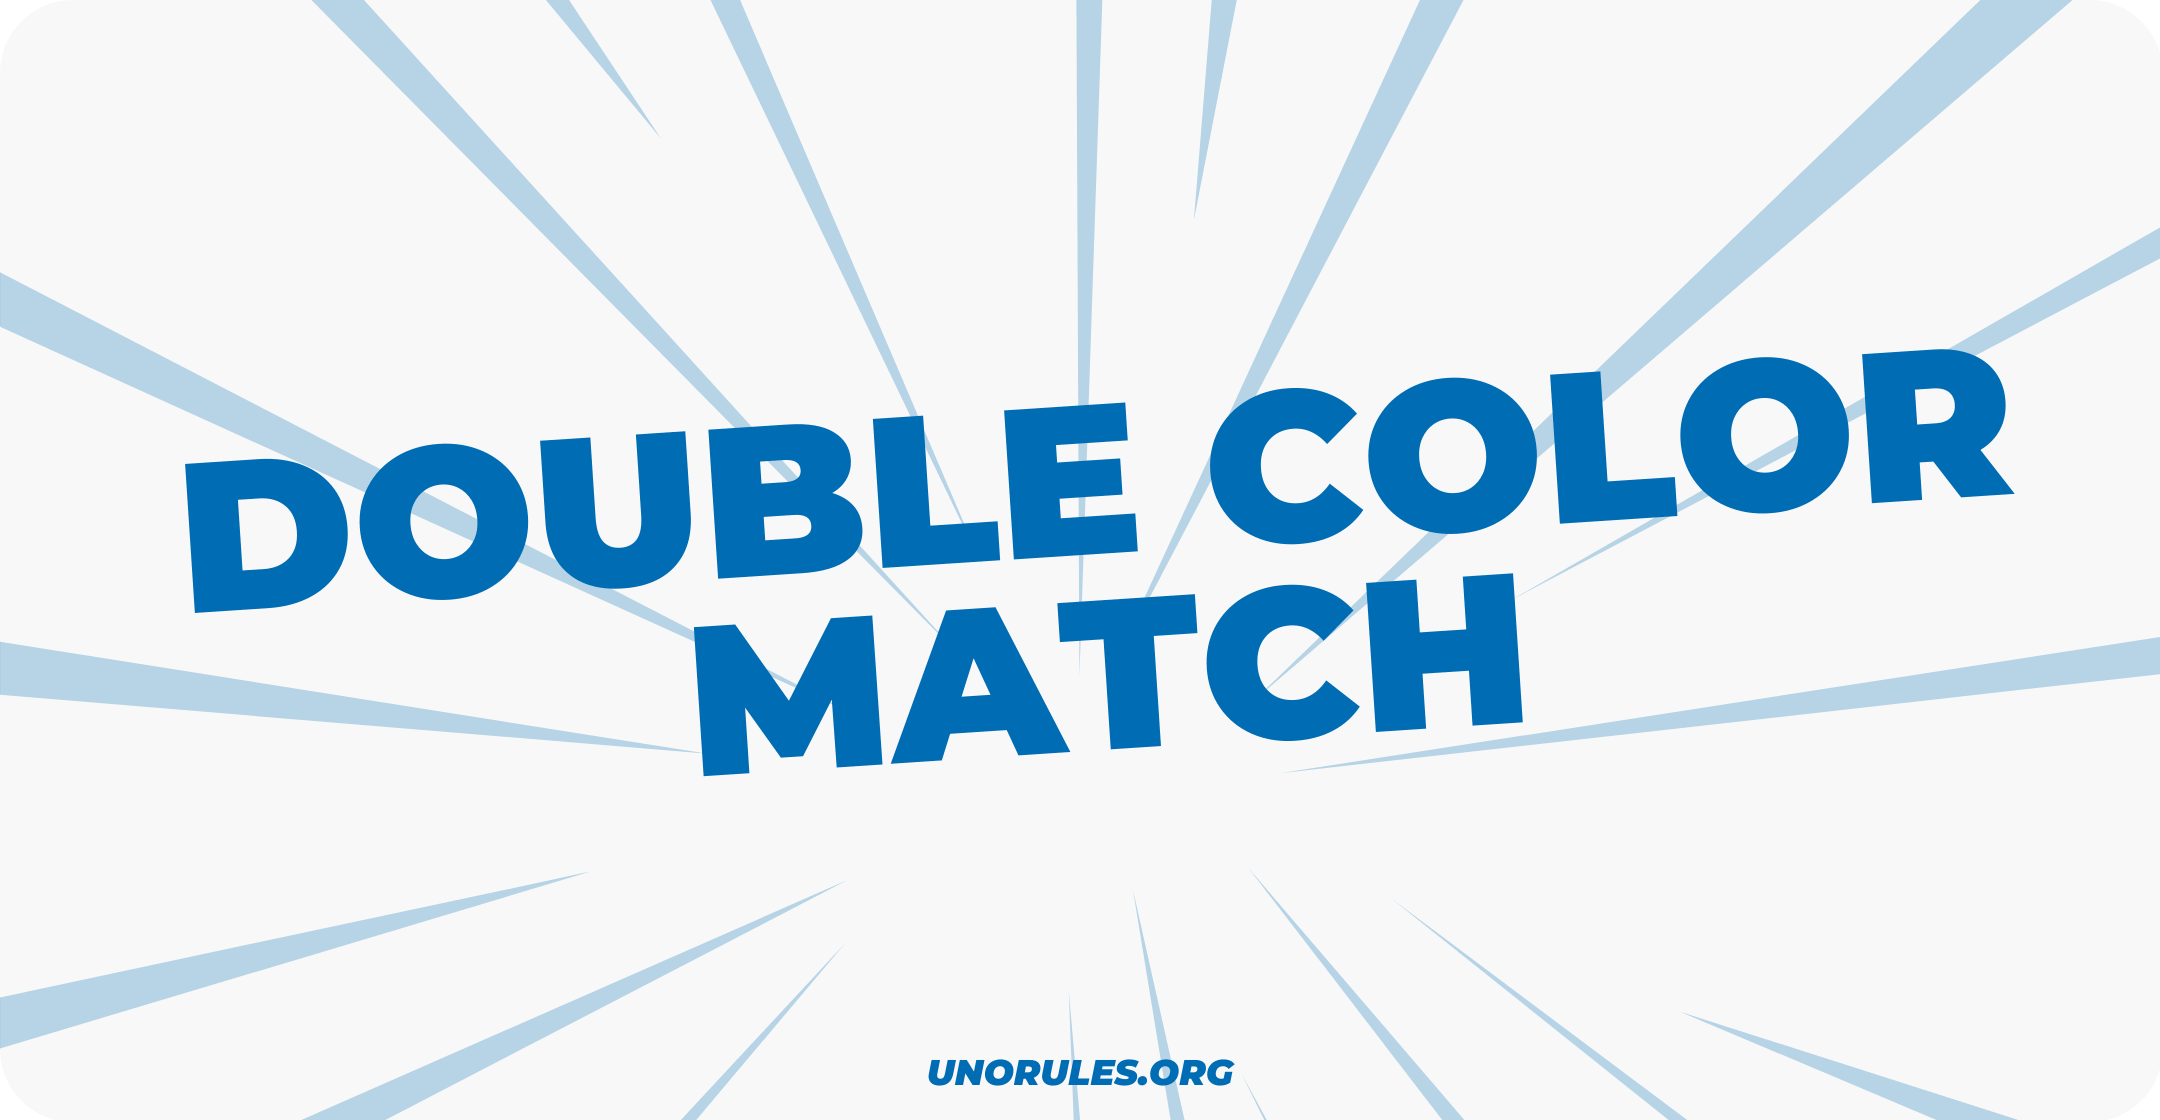 Double color match